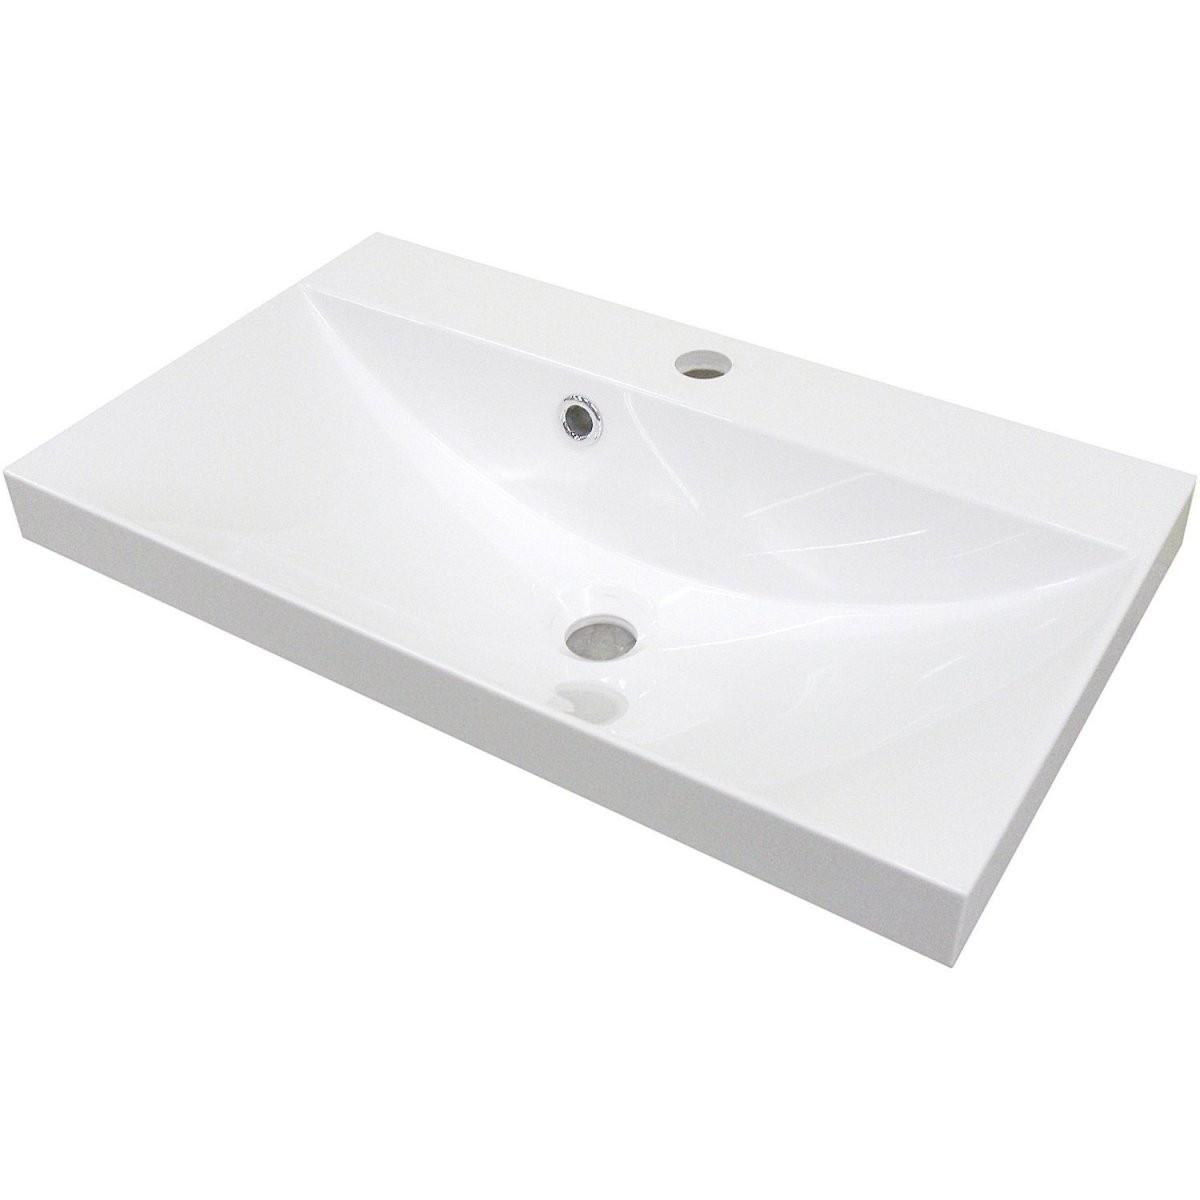 Waschbecken Kaufen  In Großer Auswahl Bei Obi von Waschbecken Tiefe 35 Cm Bild